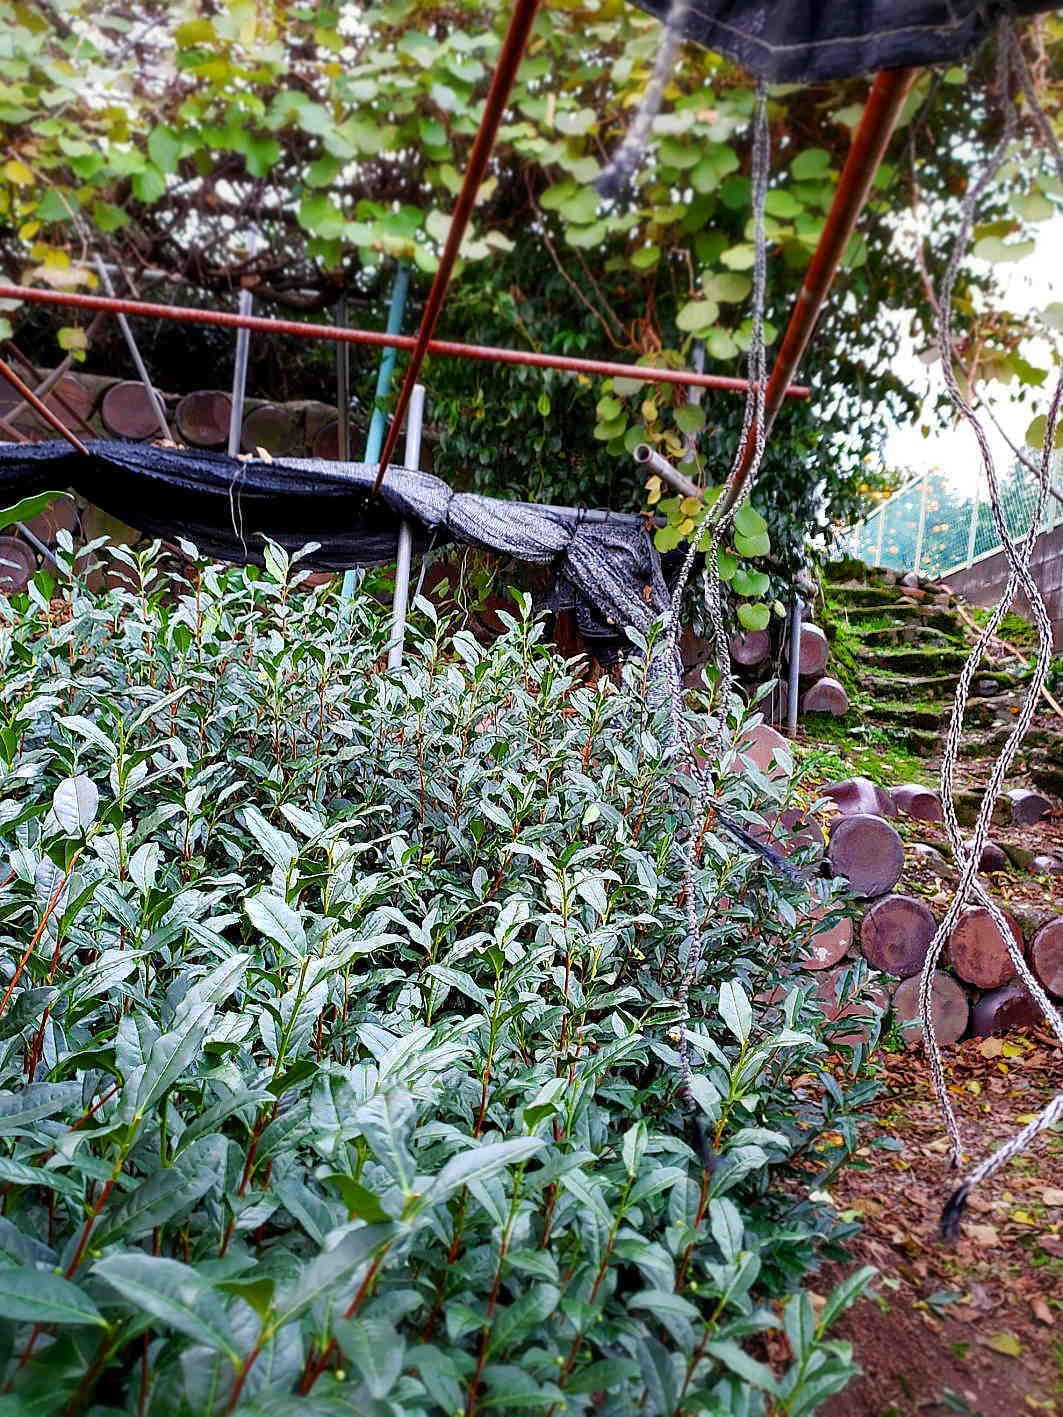 自然に聞き 茶木と対話して新しい茶園をつくる  Courage to build a tea garden in a reclaimed ancient pond_a0391480_20341134.jpg